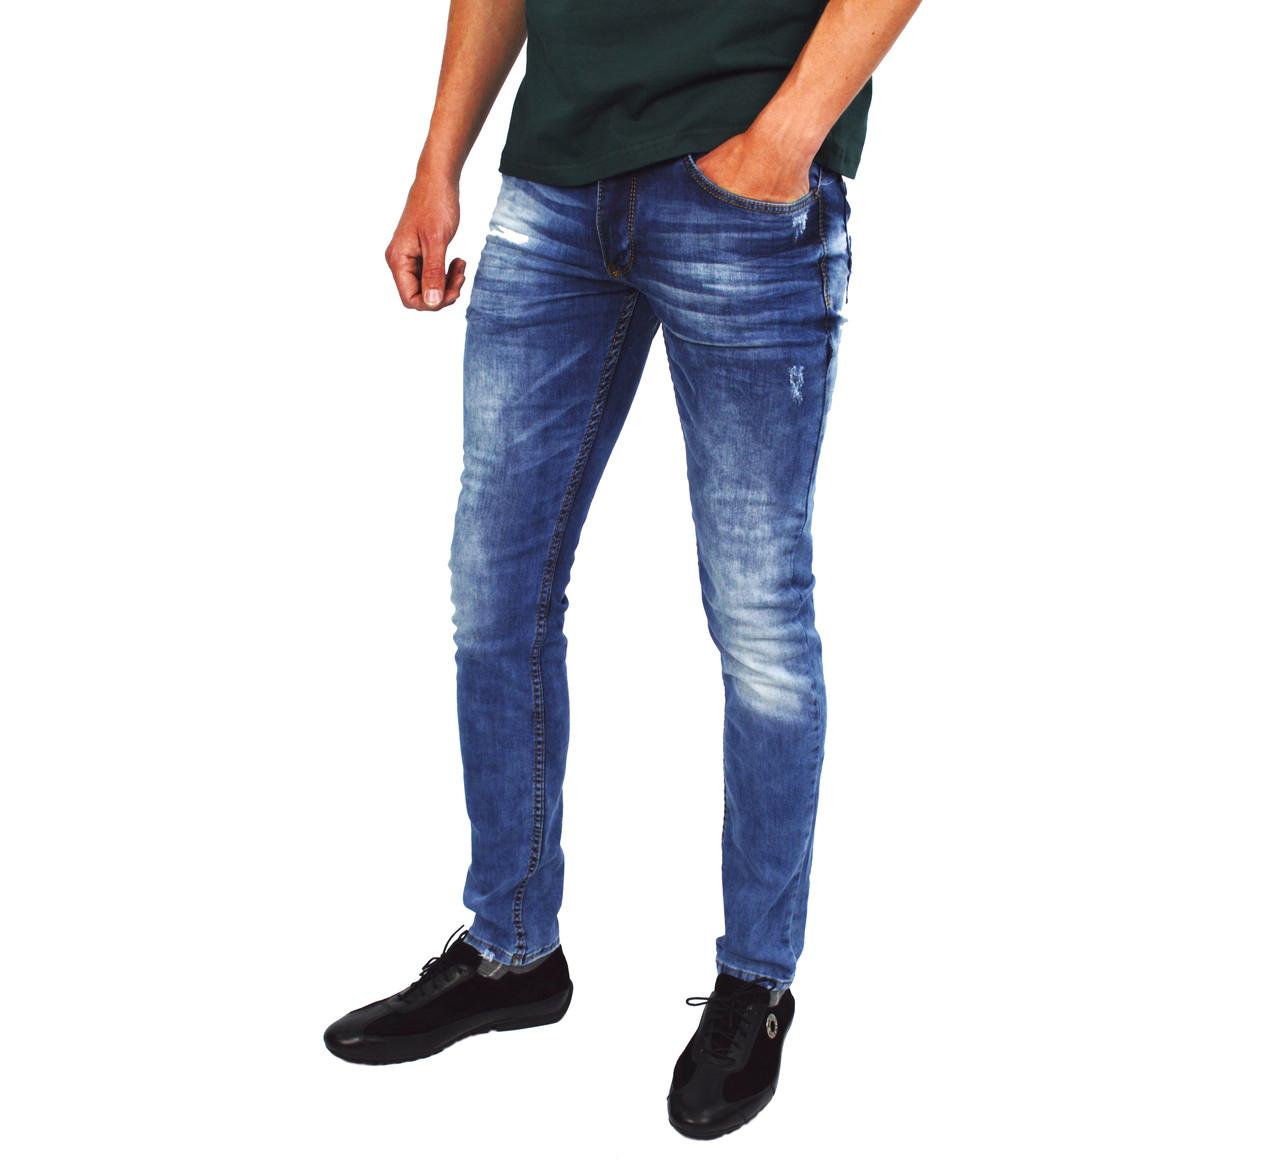 Узкие штаны для мужчины